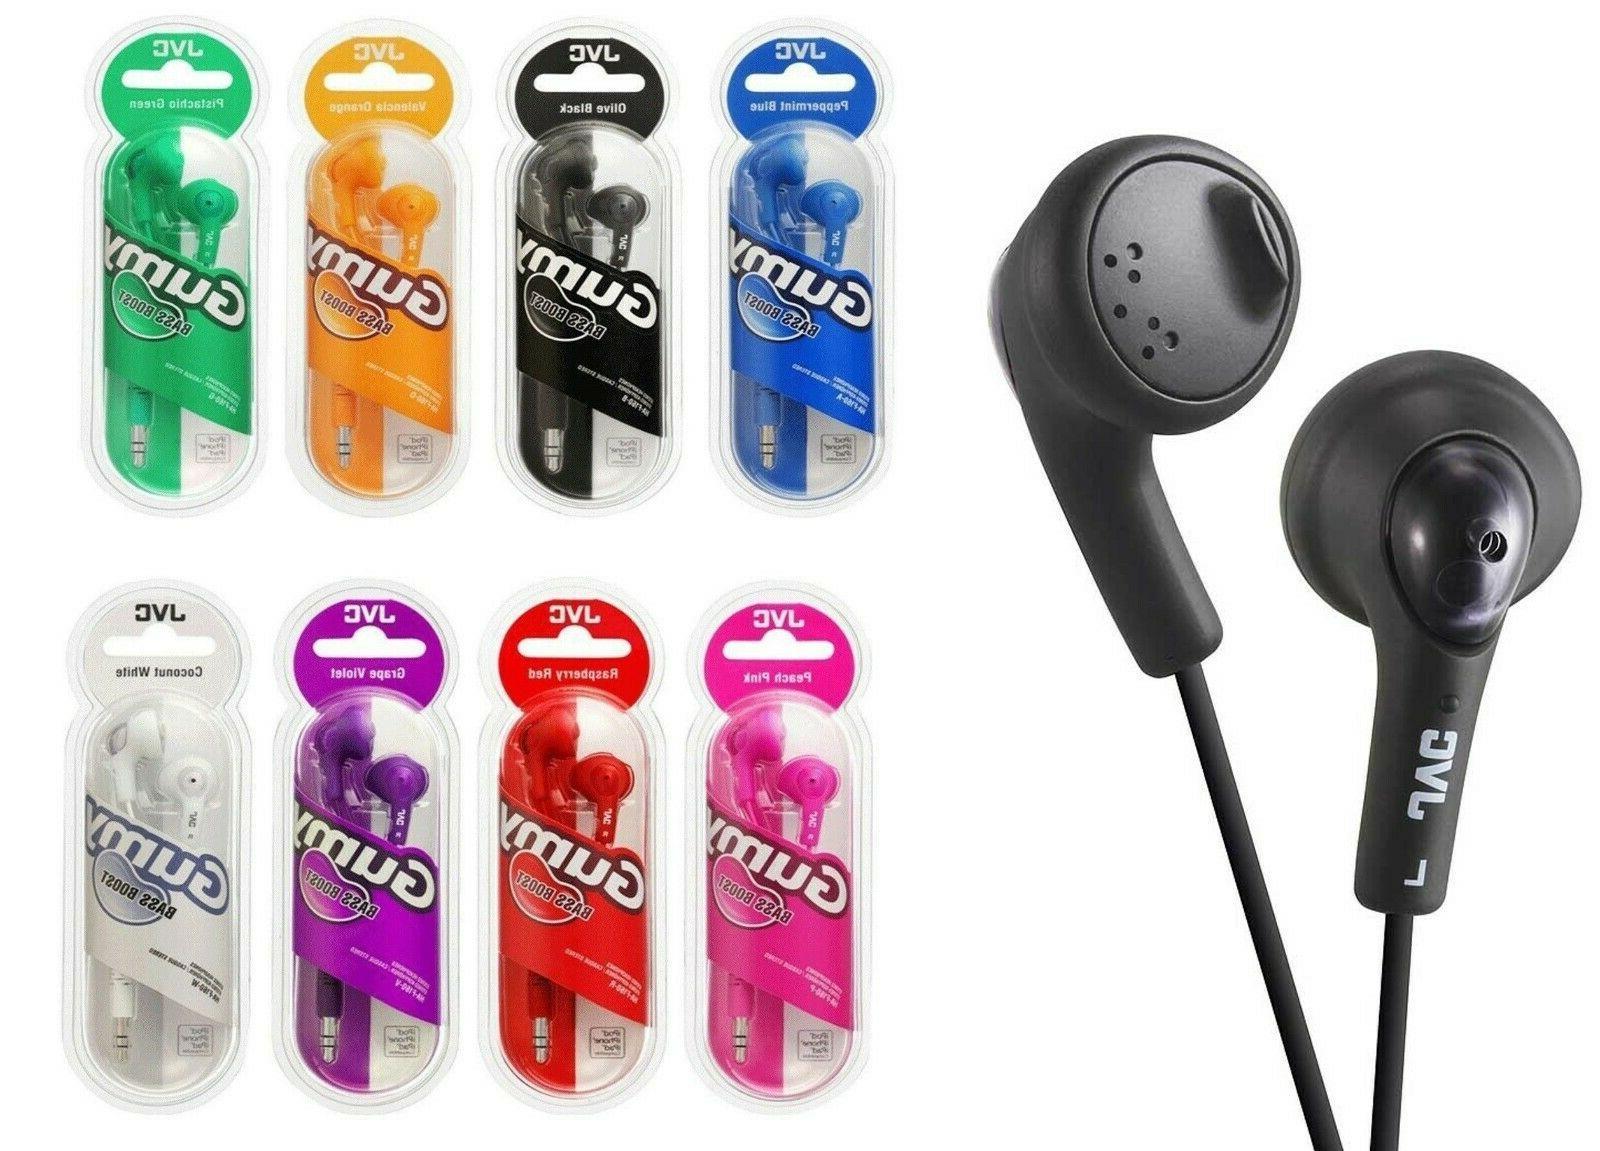 gumy ha f160 in ear earbuds headphones